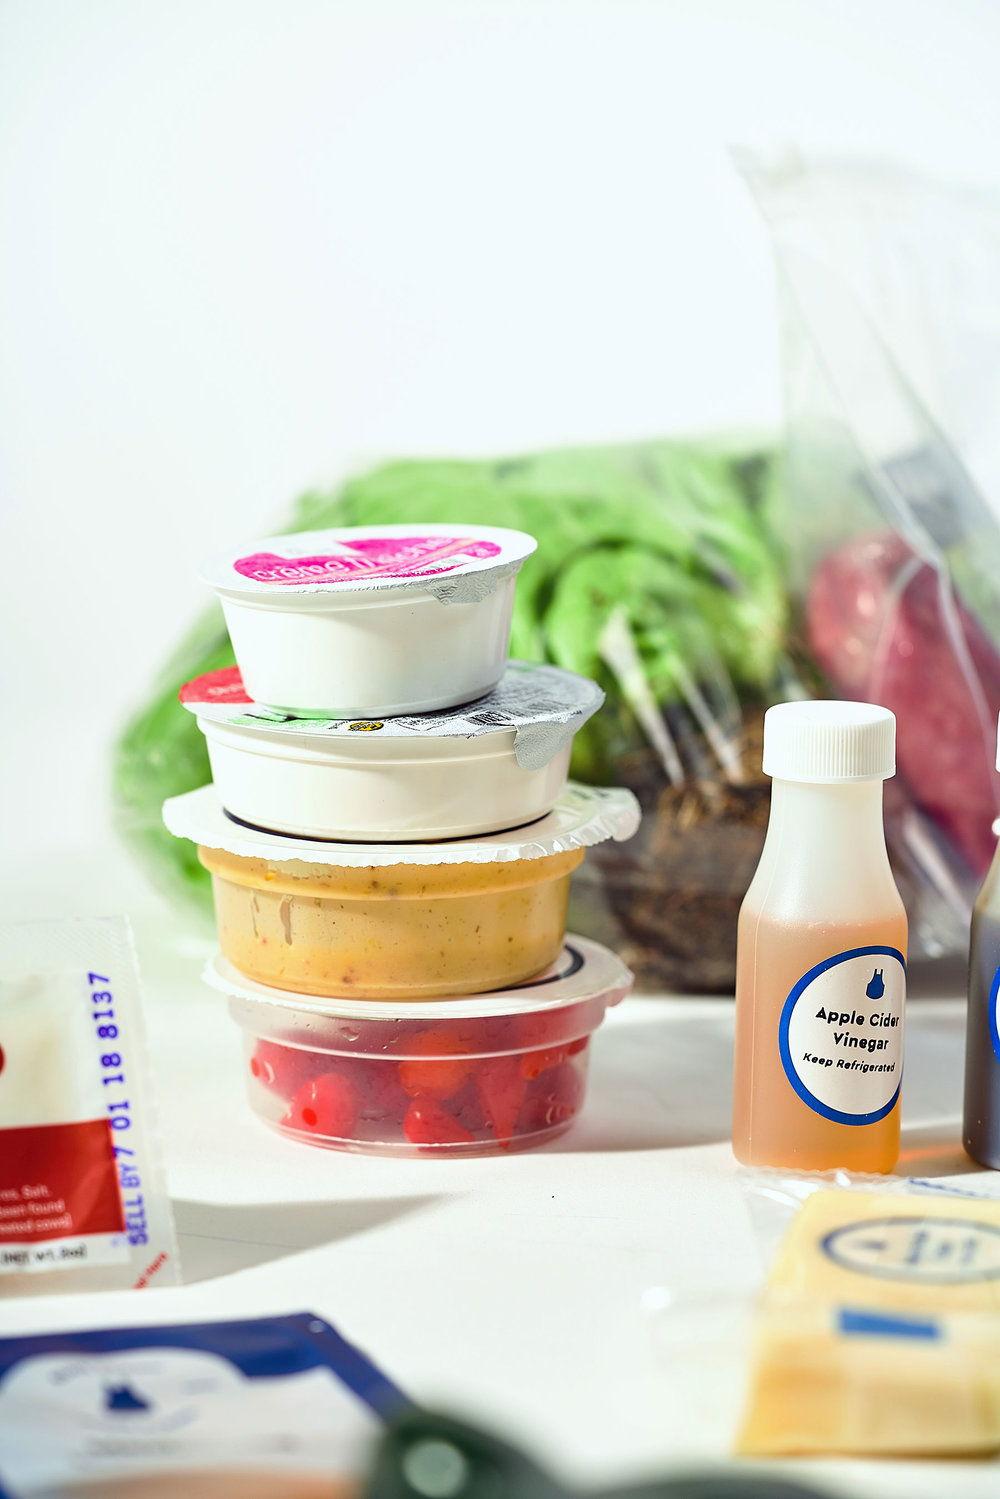 Meal_Kits-The_Dieline3441.jpg